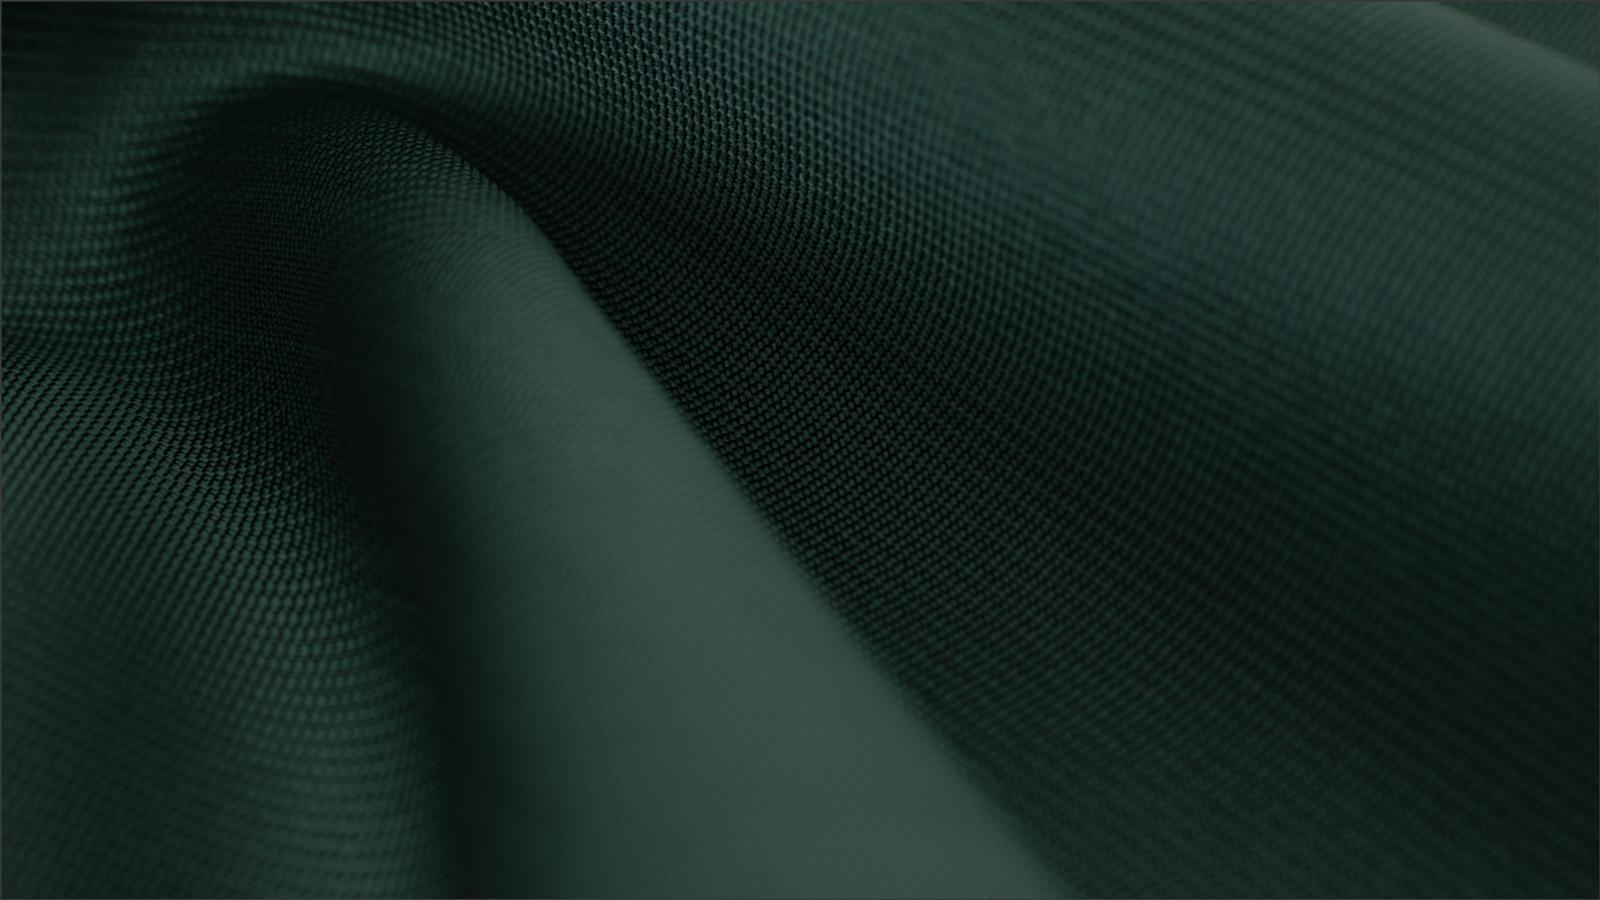 Fabric 2346211 1920